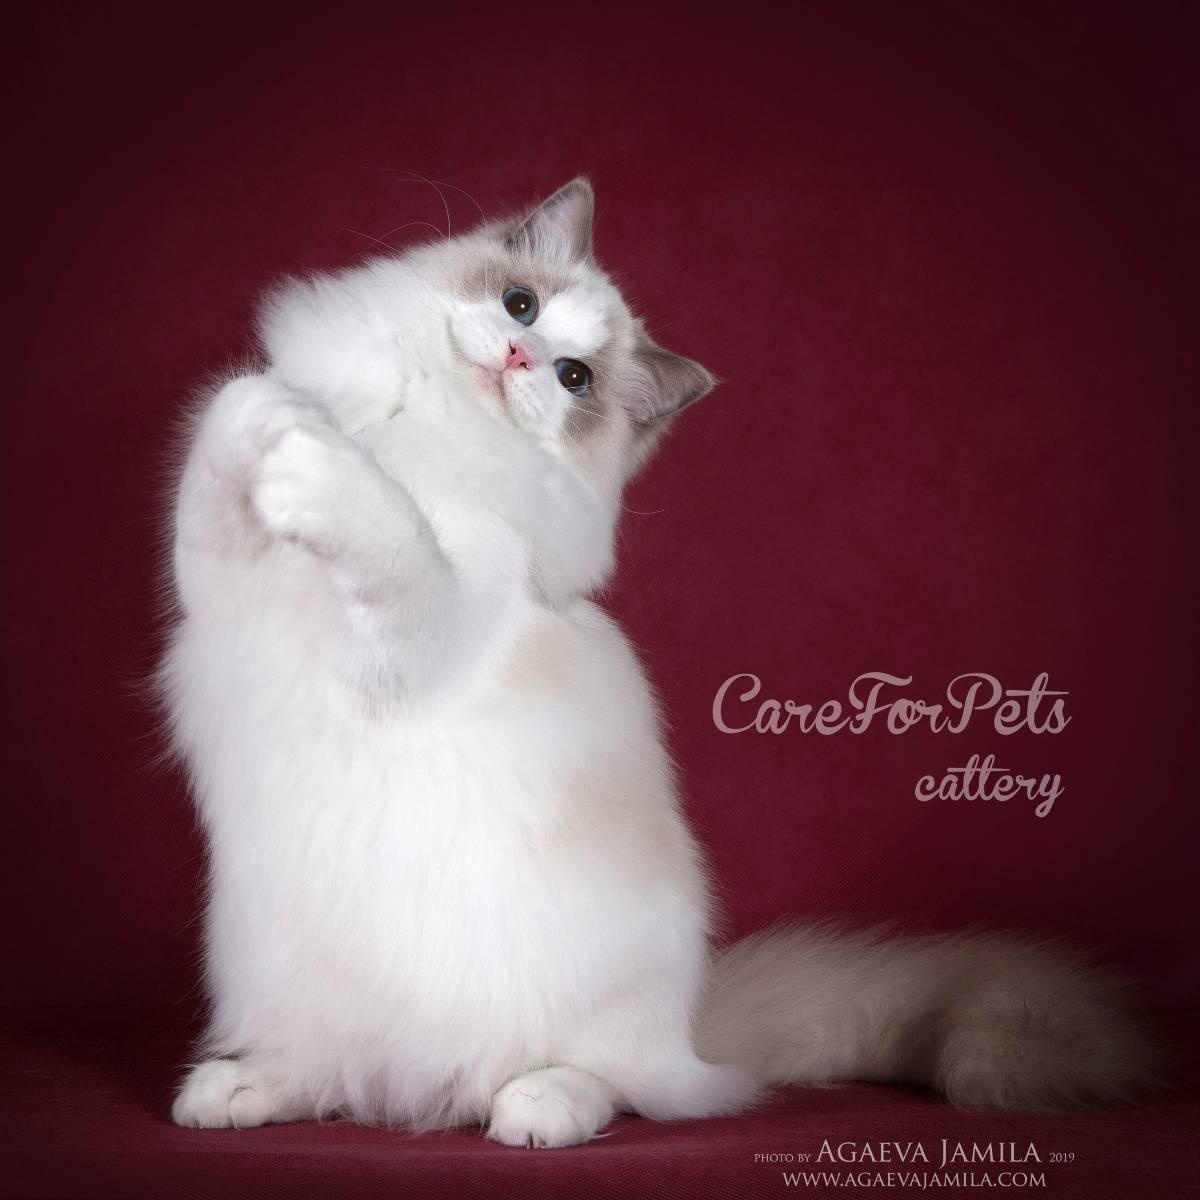 Порода кошек рэгдолл, описание окрасов и фото, а также их характер, стандарты и размеры